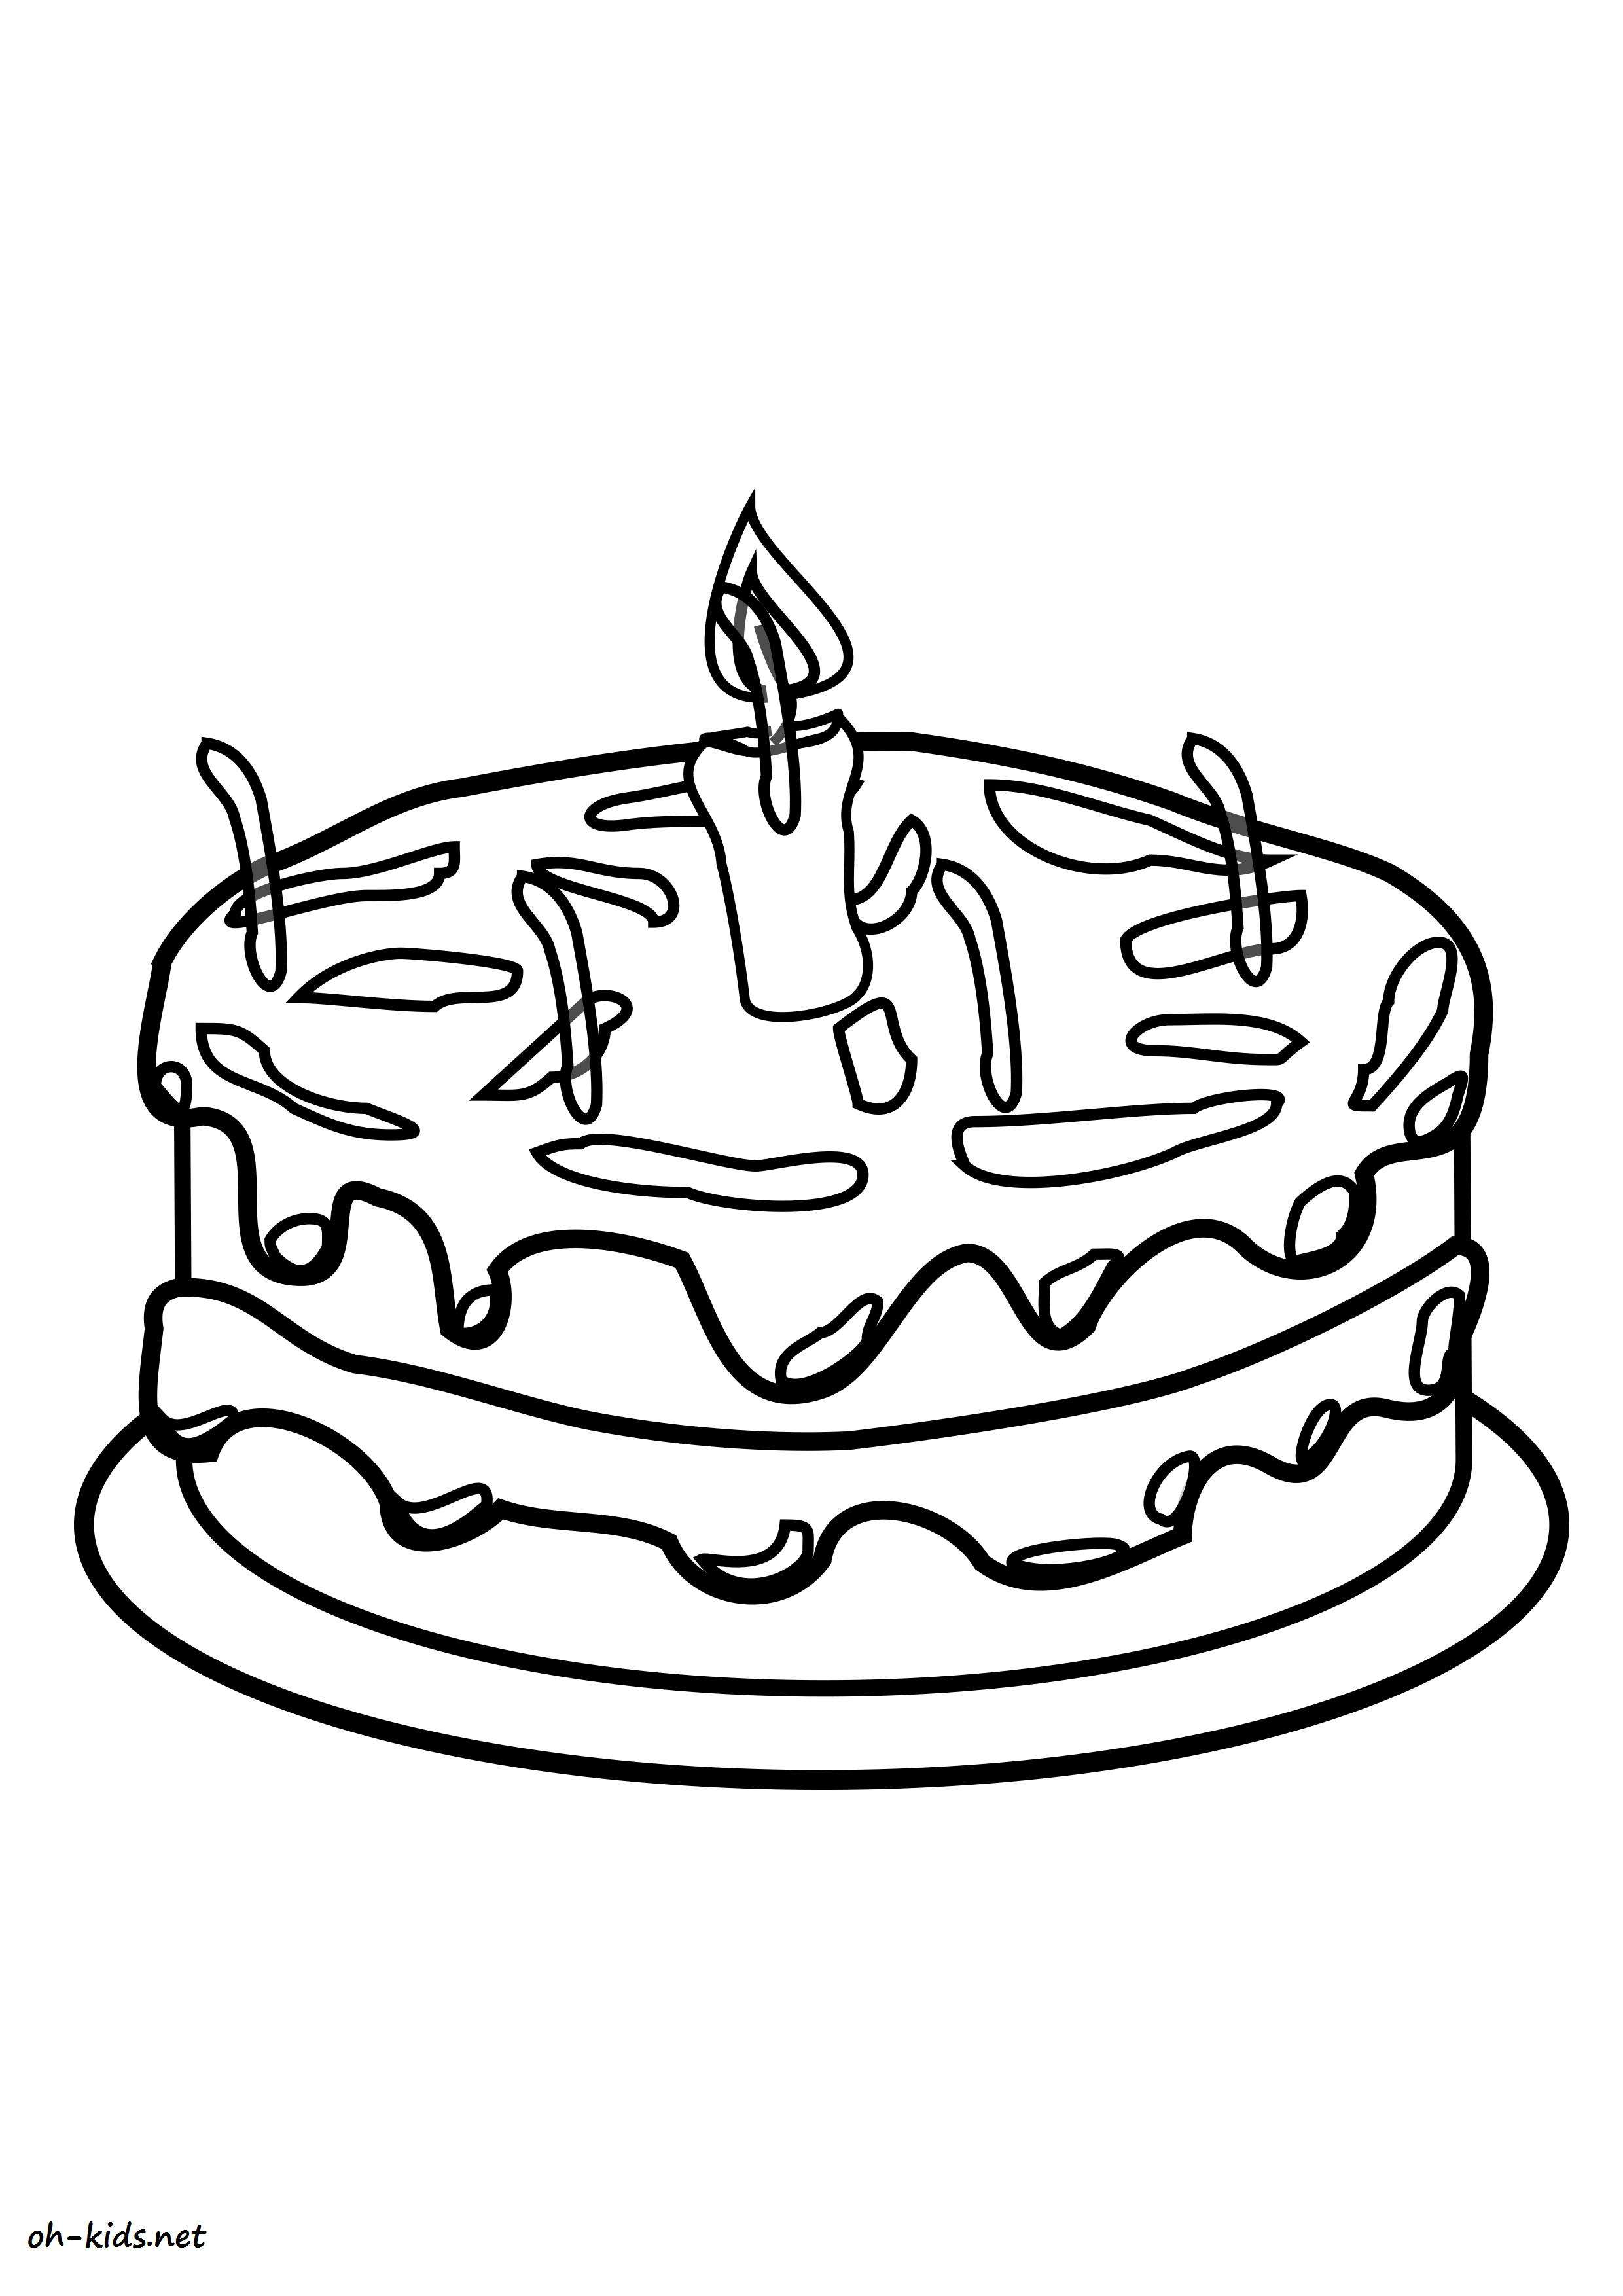 Un beau dessin de gâteau anniversaire a imprimer pour les enfants - Dessin #1164